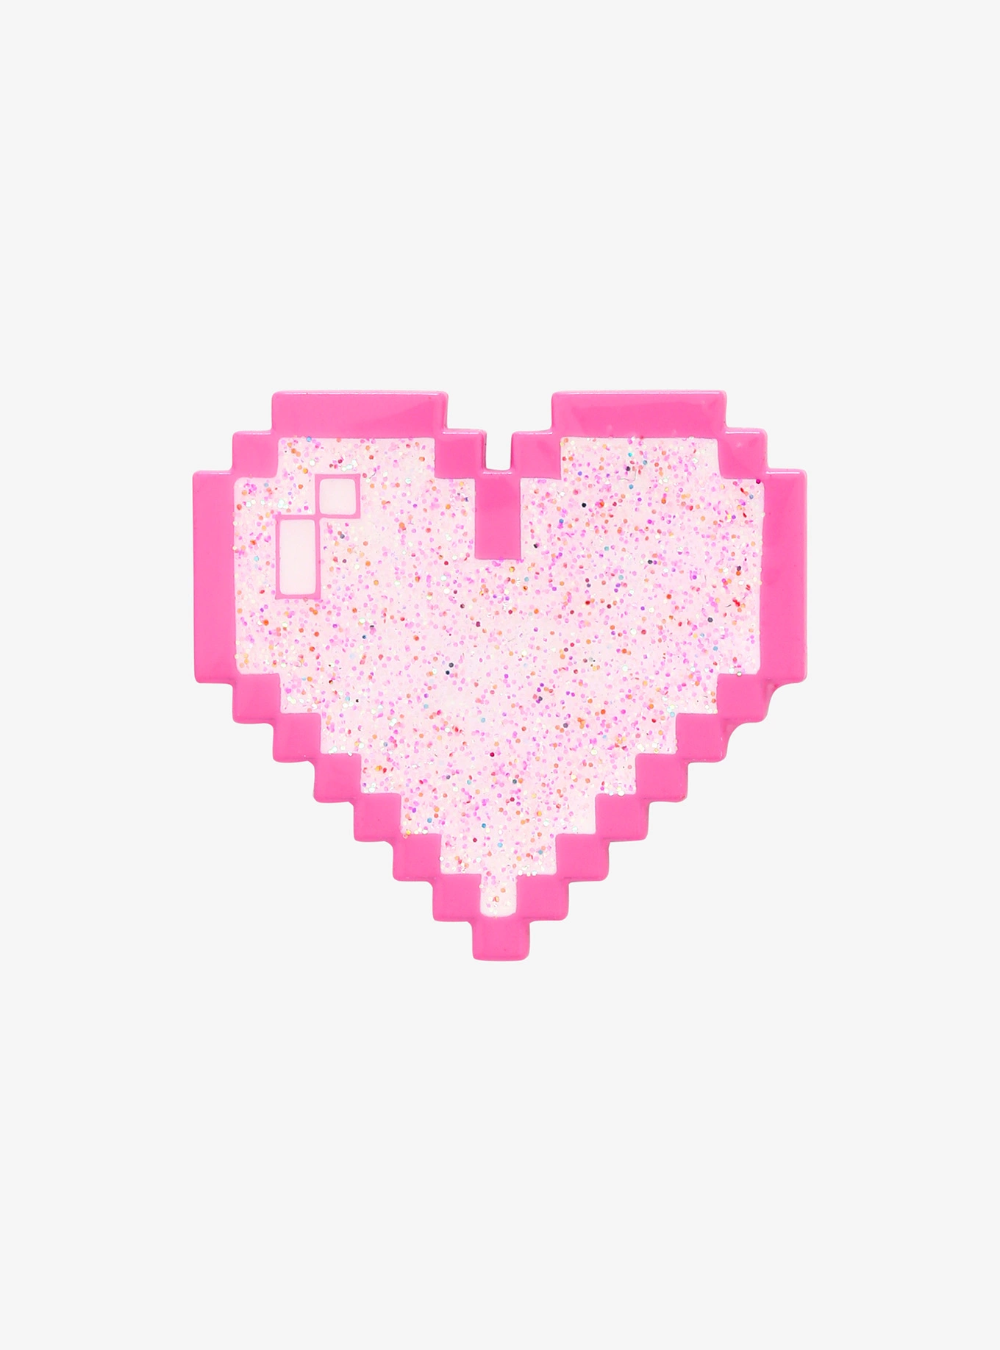 Pink Pixel Heart Enamel Pin Pixel Heart Heart Enamel Pin Enamel Pins